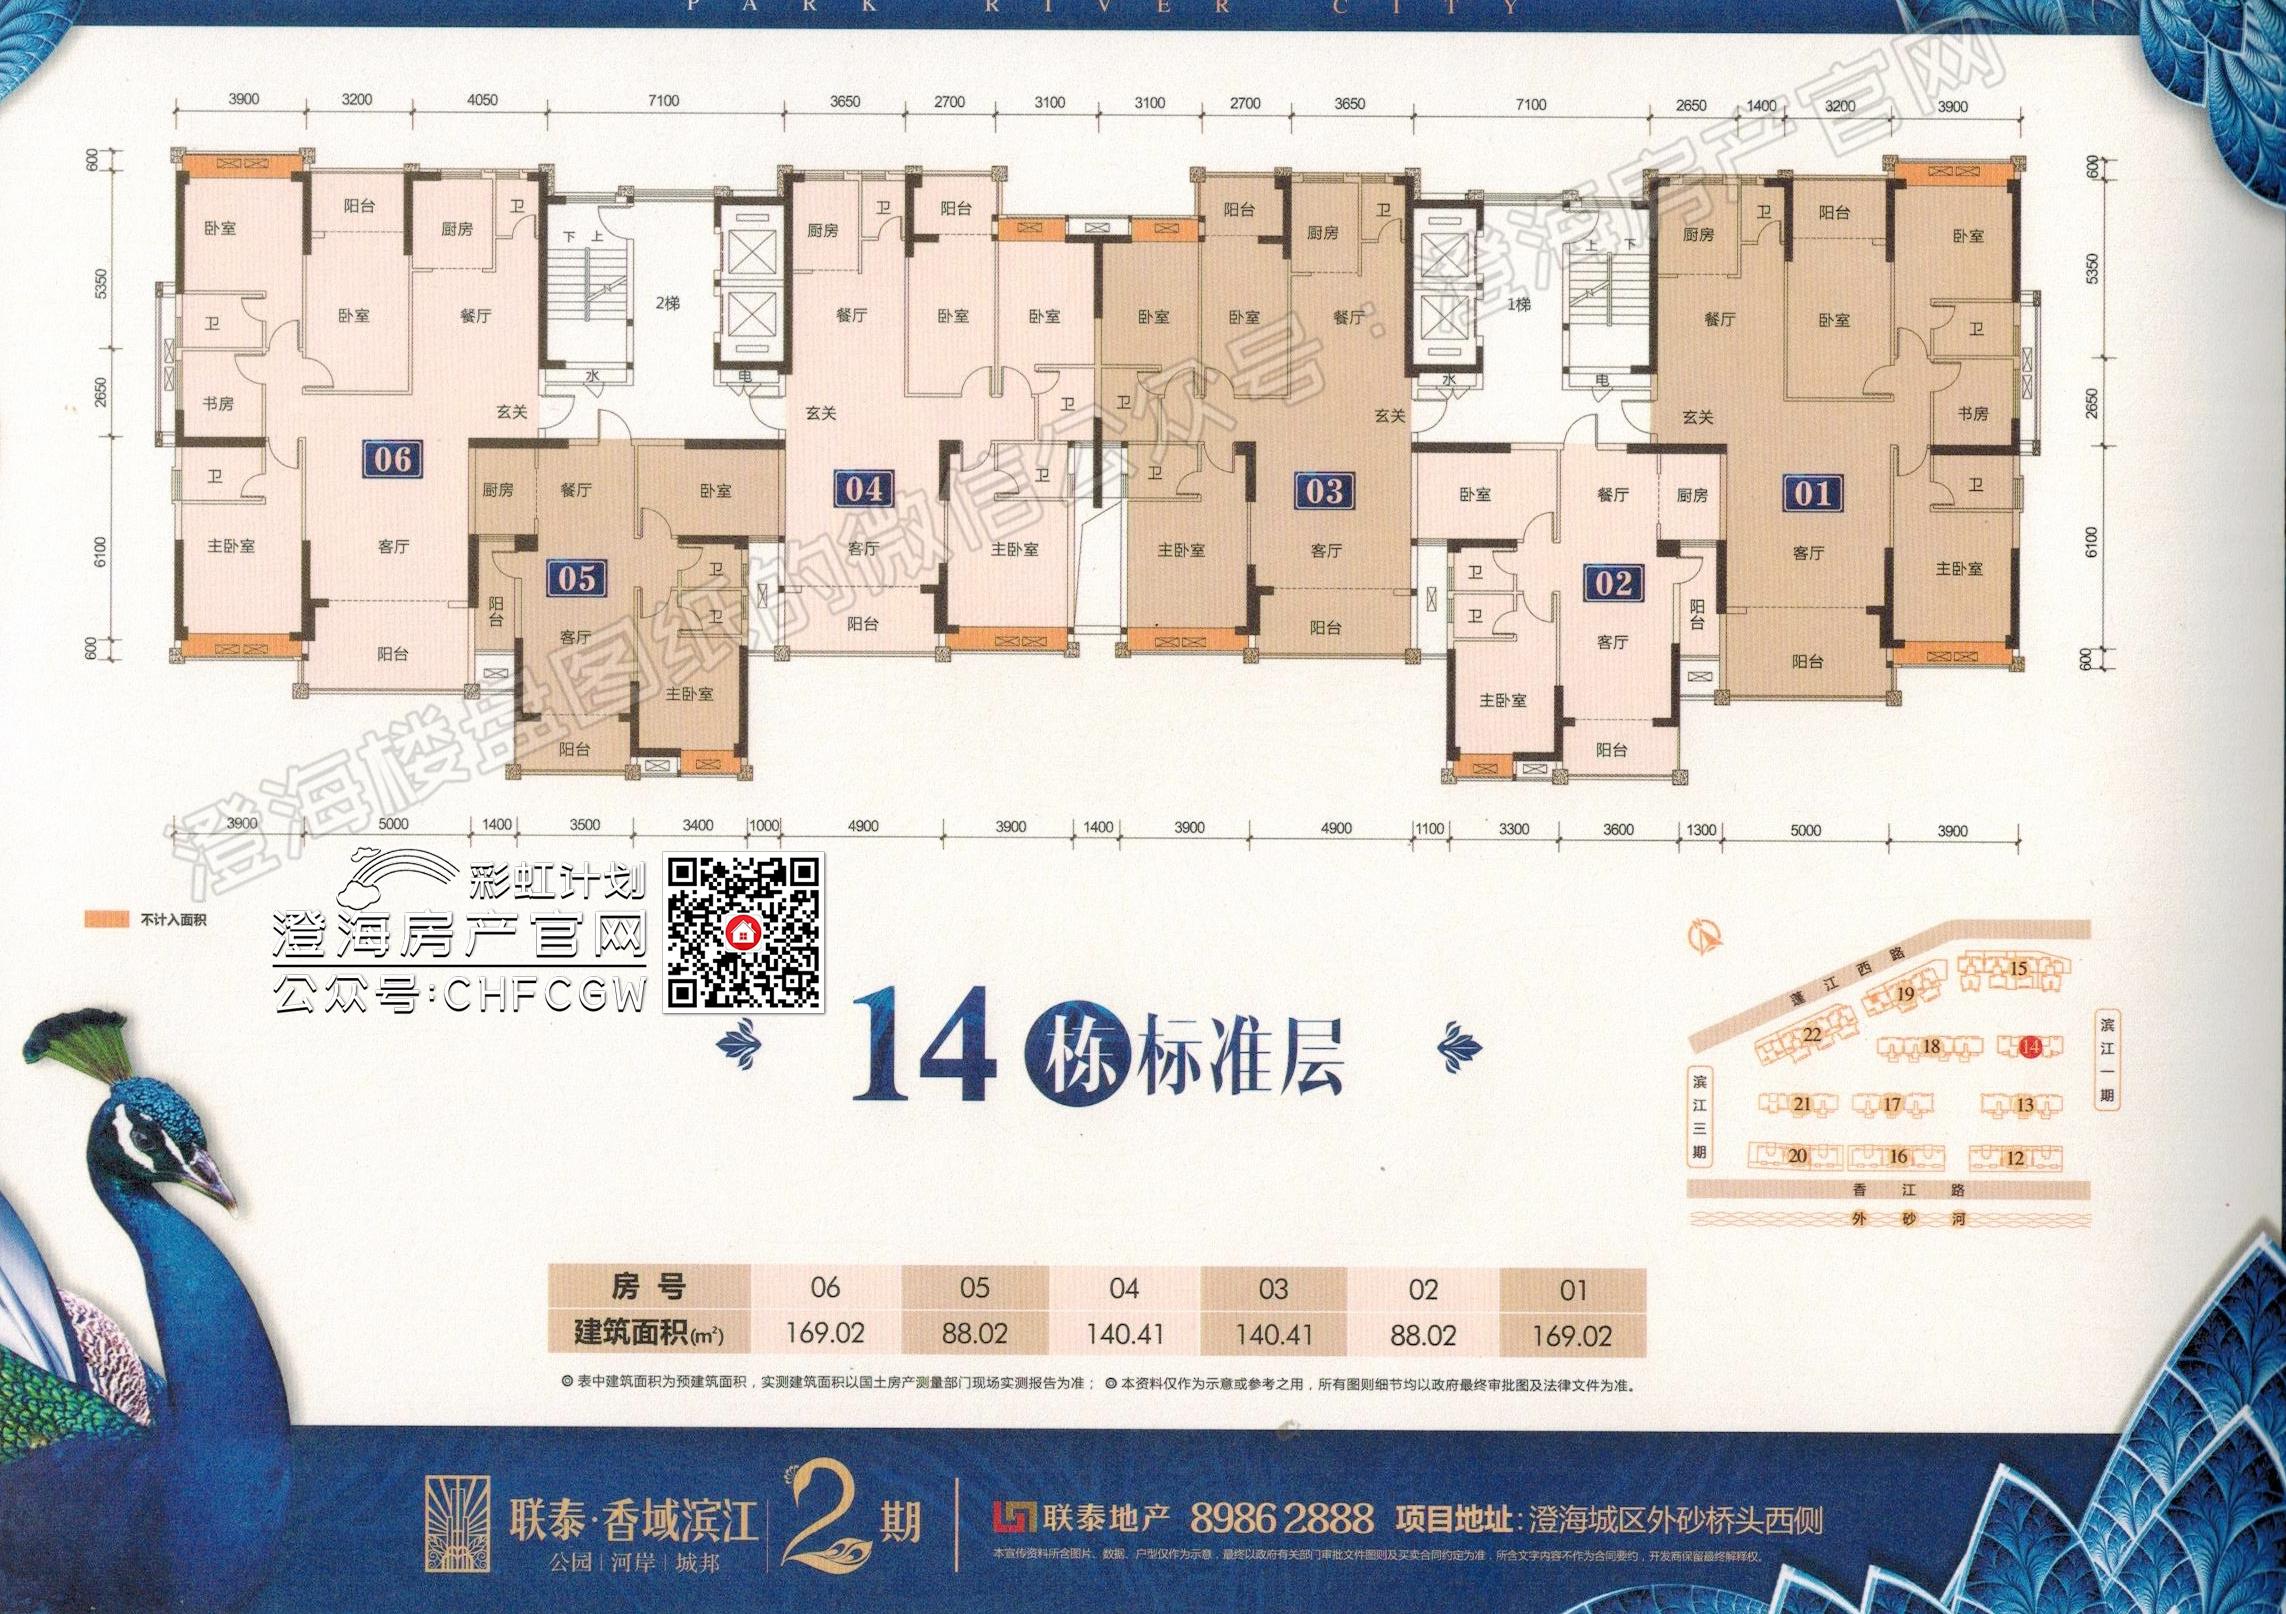 香域滨江二期高清户型图插图3